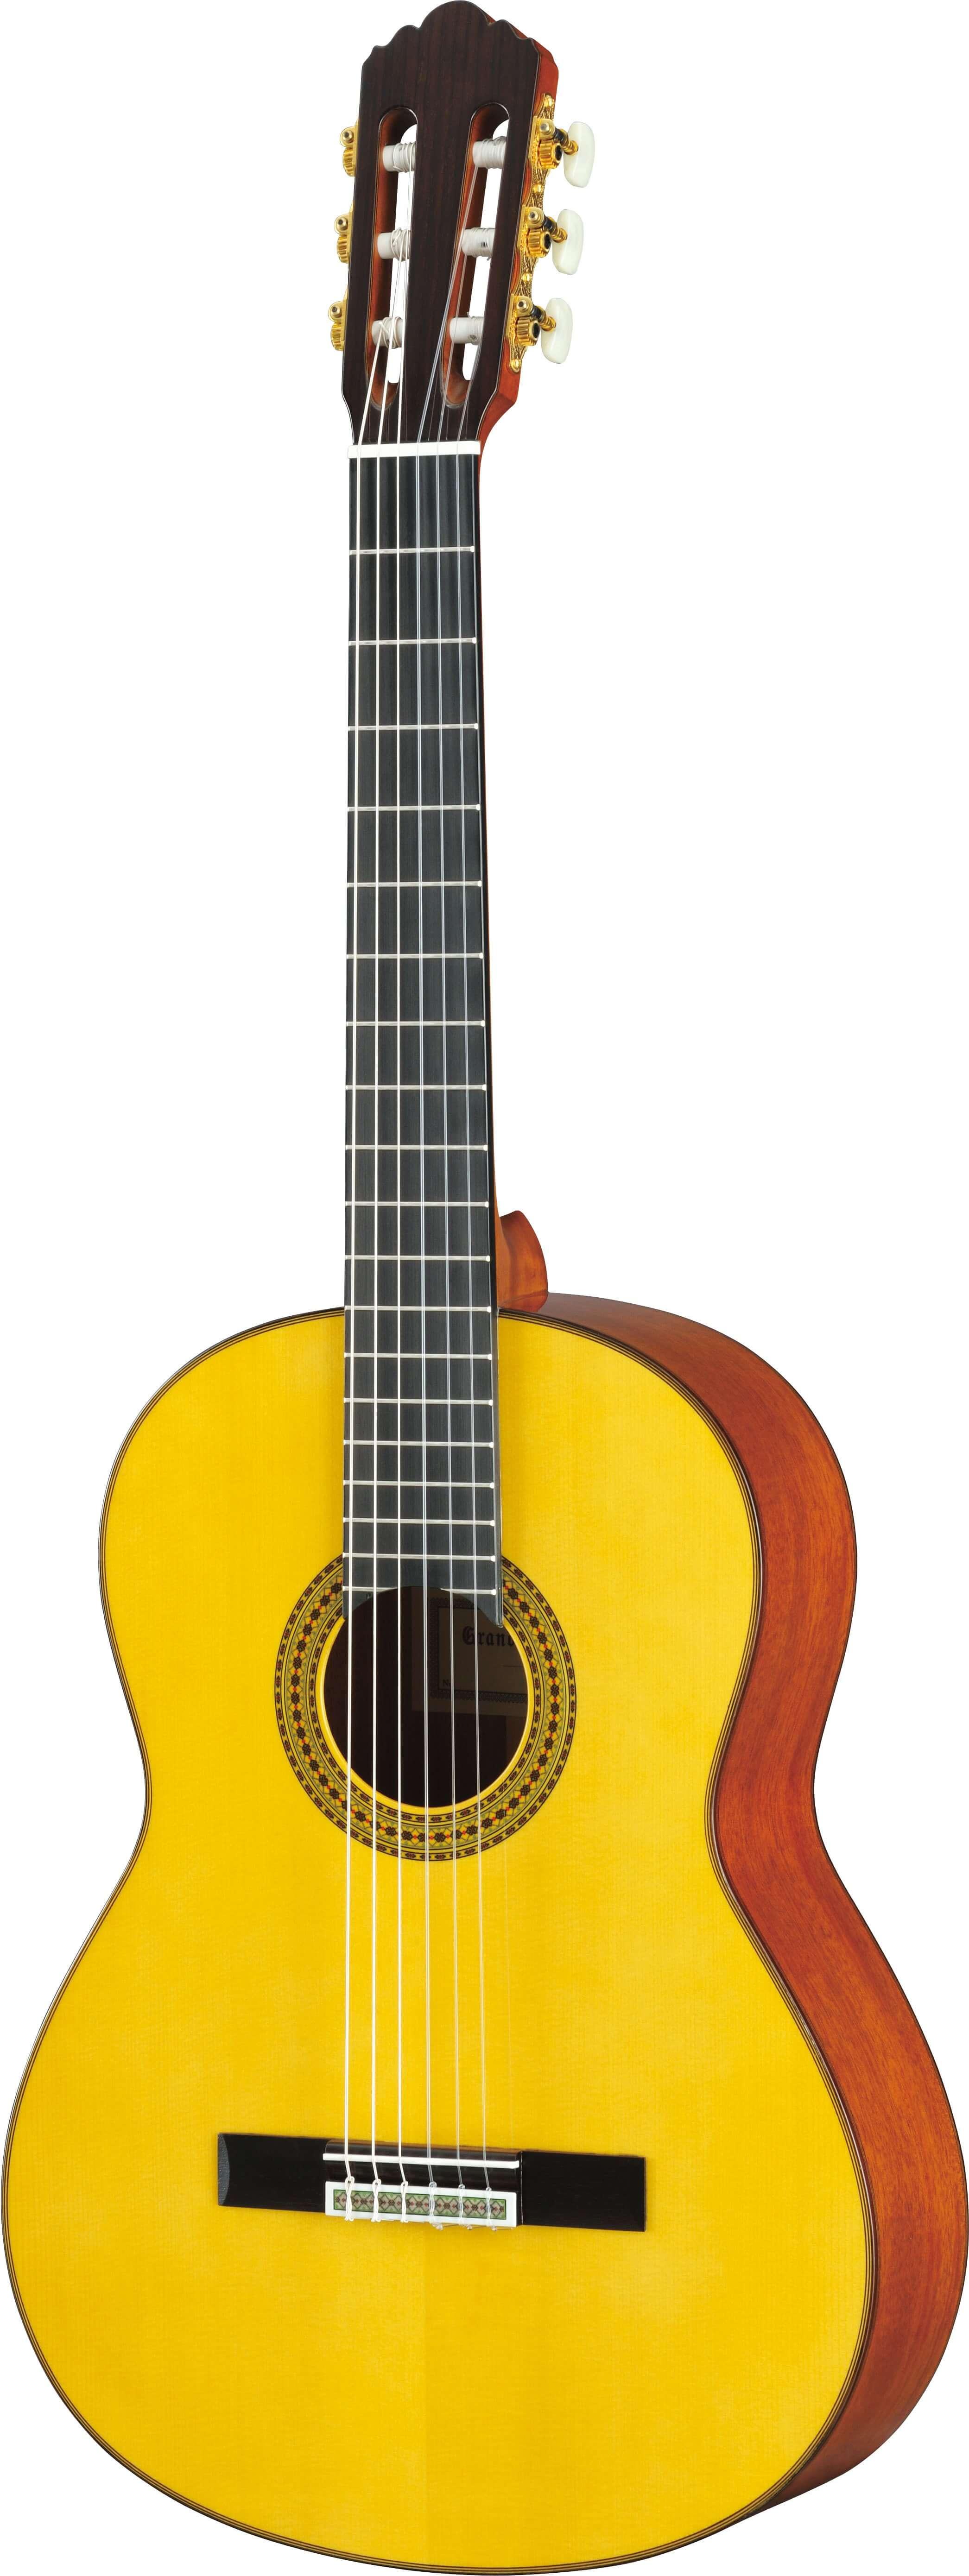 Guitarra Clásica Yamaha Gc12S Spruce Top